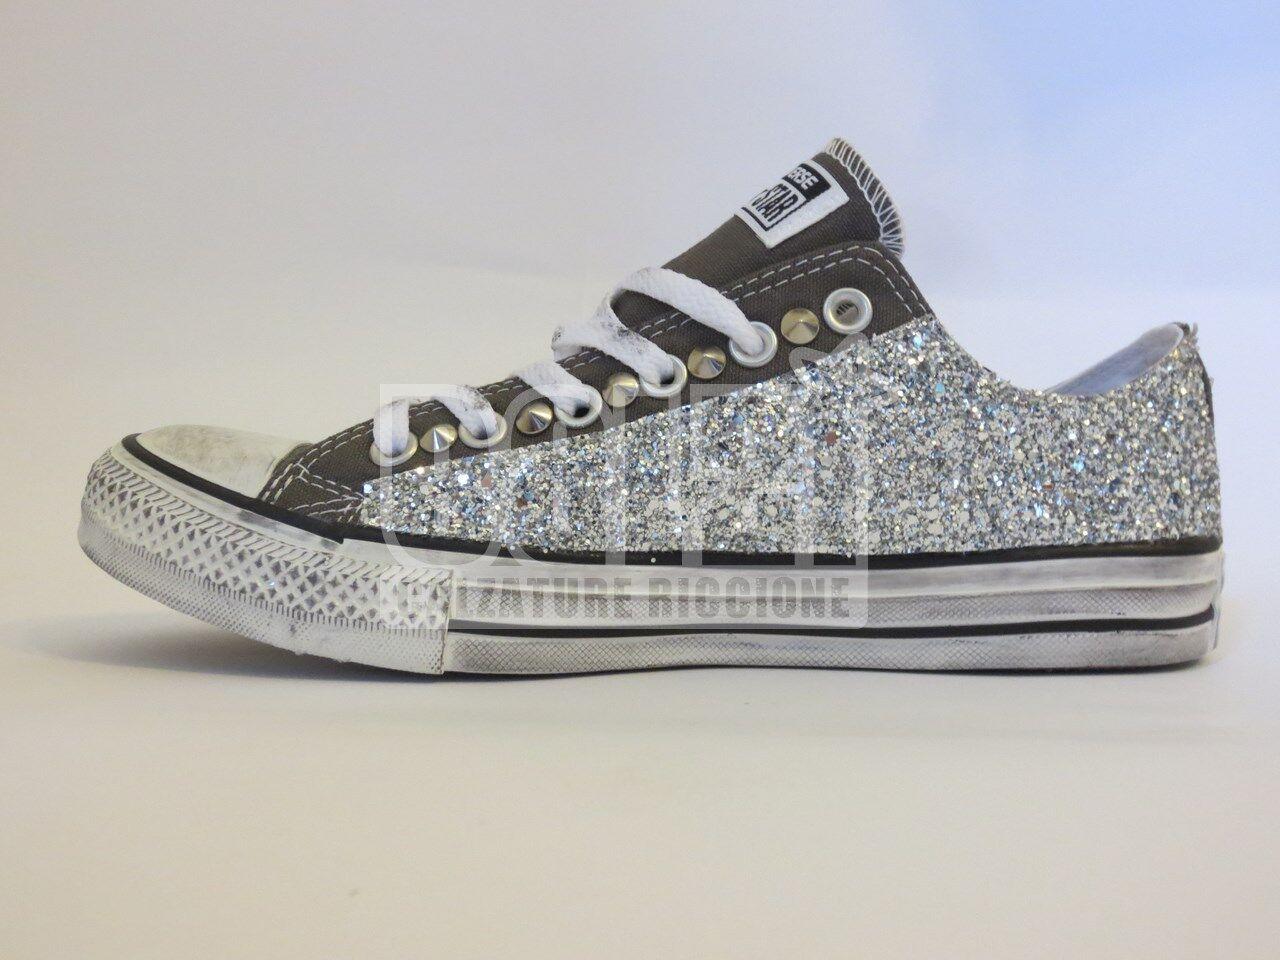 Converse grigio all star OX grigio Converse charcoal glitter argento artigianali a4d100